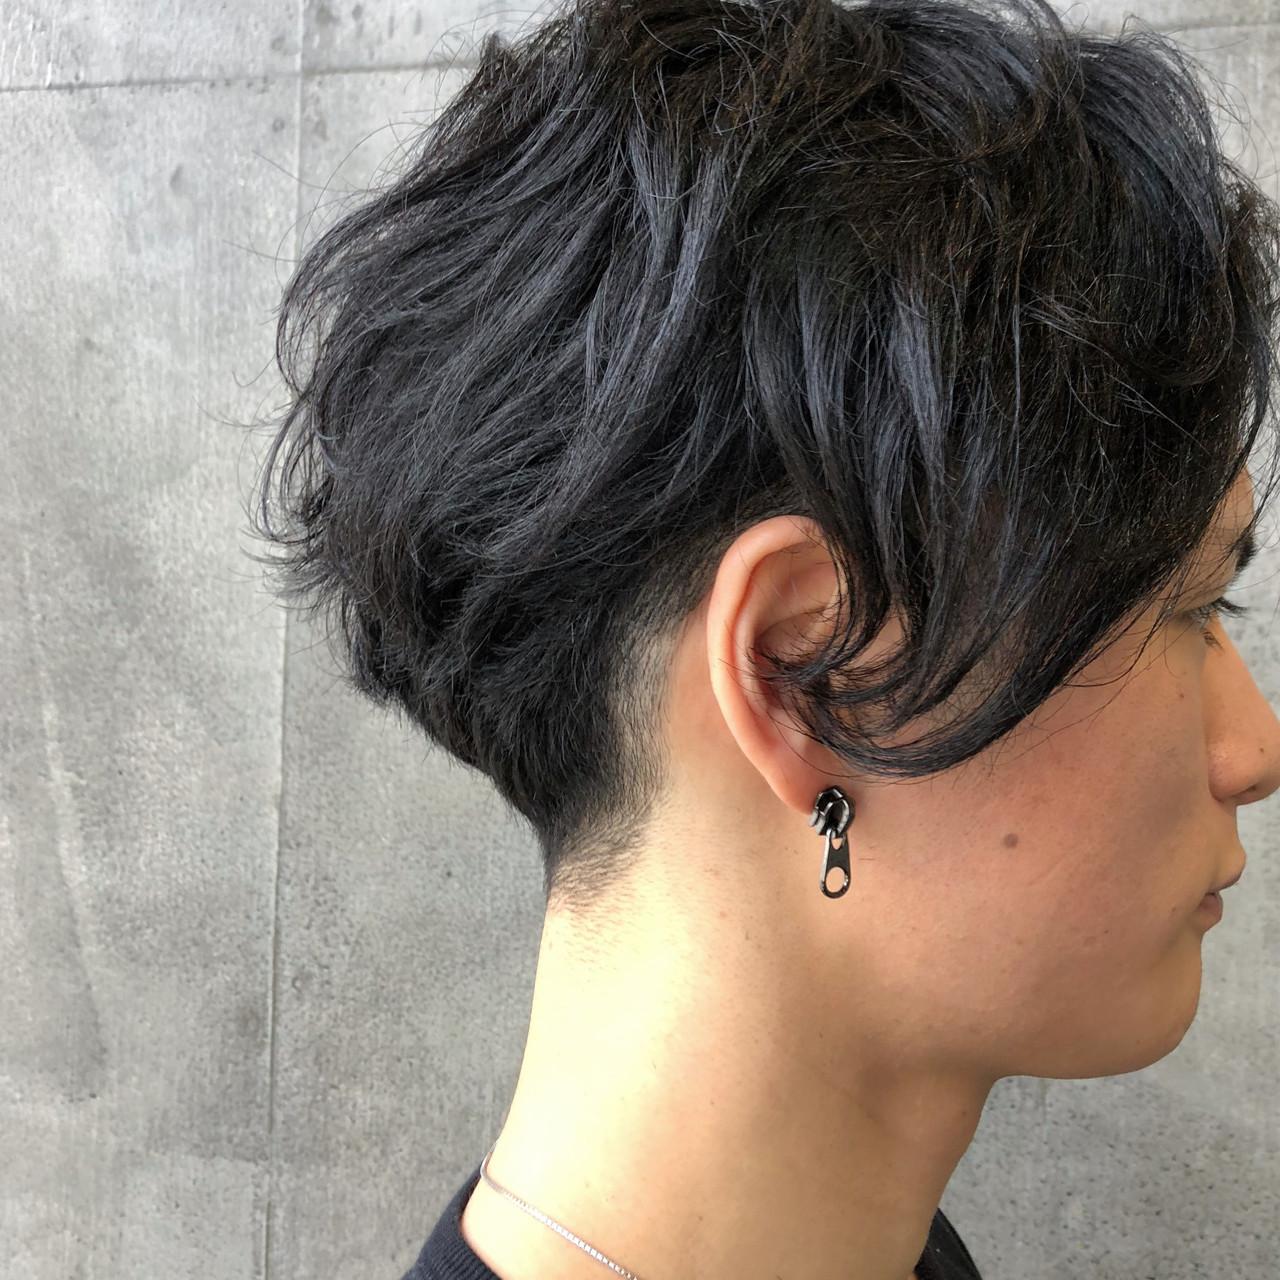 アンニュイ 刈り上げ メンズヘア ショート ヘアスタイルや髪型の写真・画像